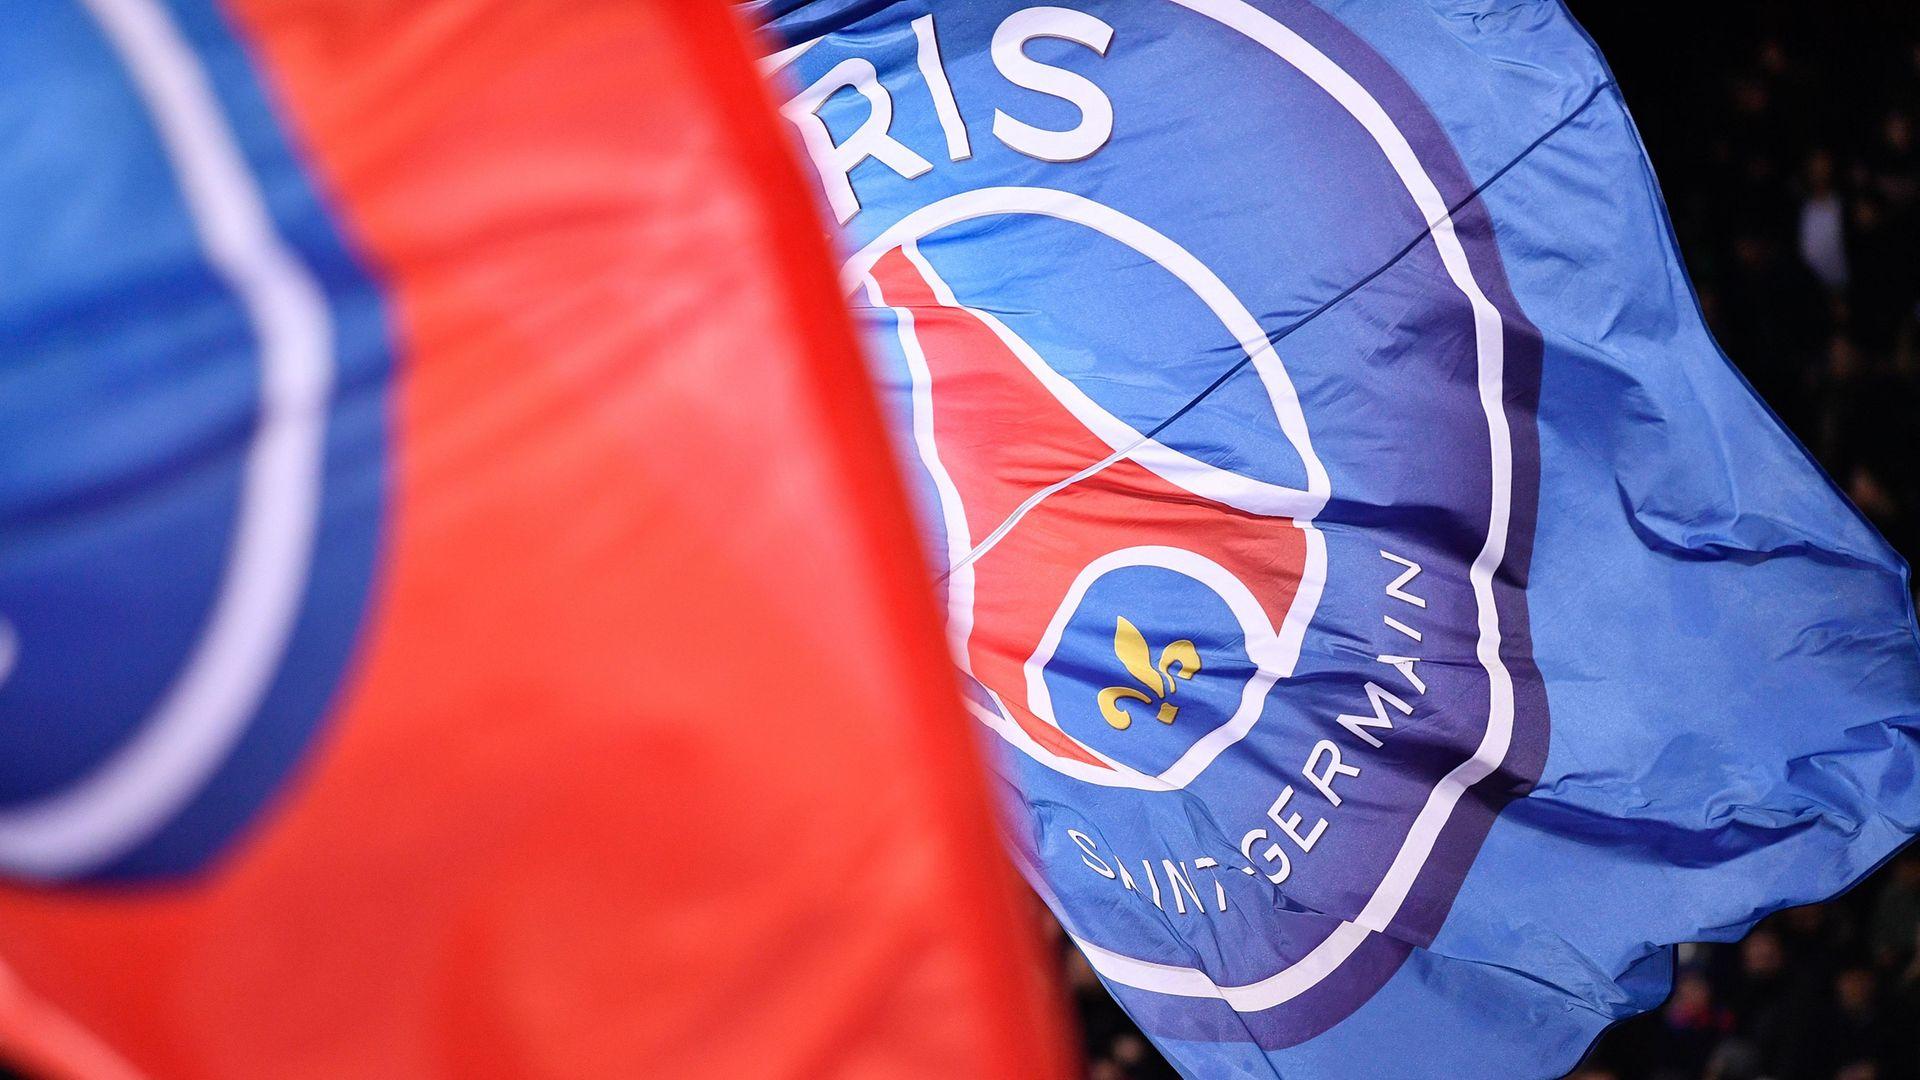 The Paris Saint-Germain flags wave at the Parc des Princes stadium (question three) - Credit: Julien Mattia/NurPhoto via Getty Images